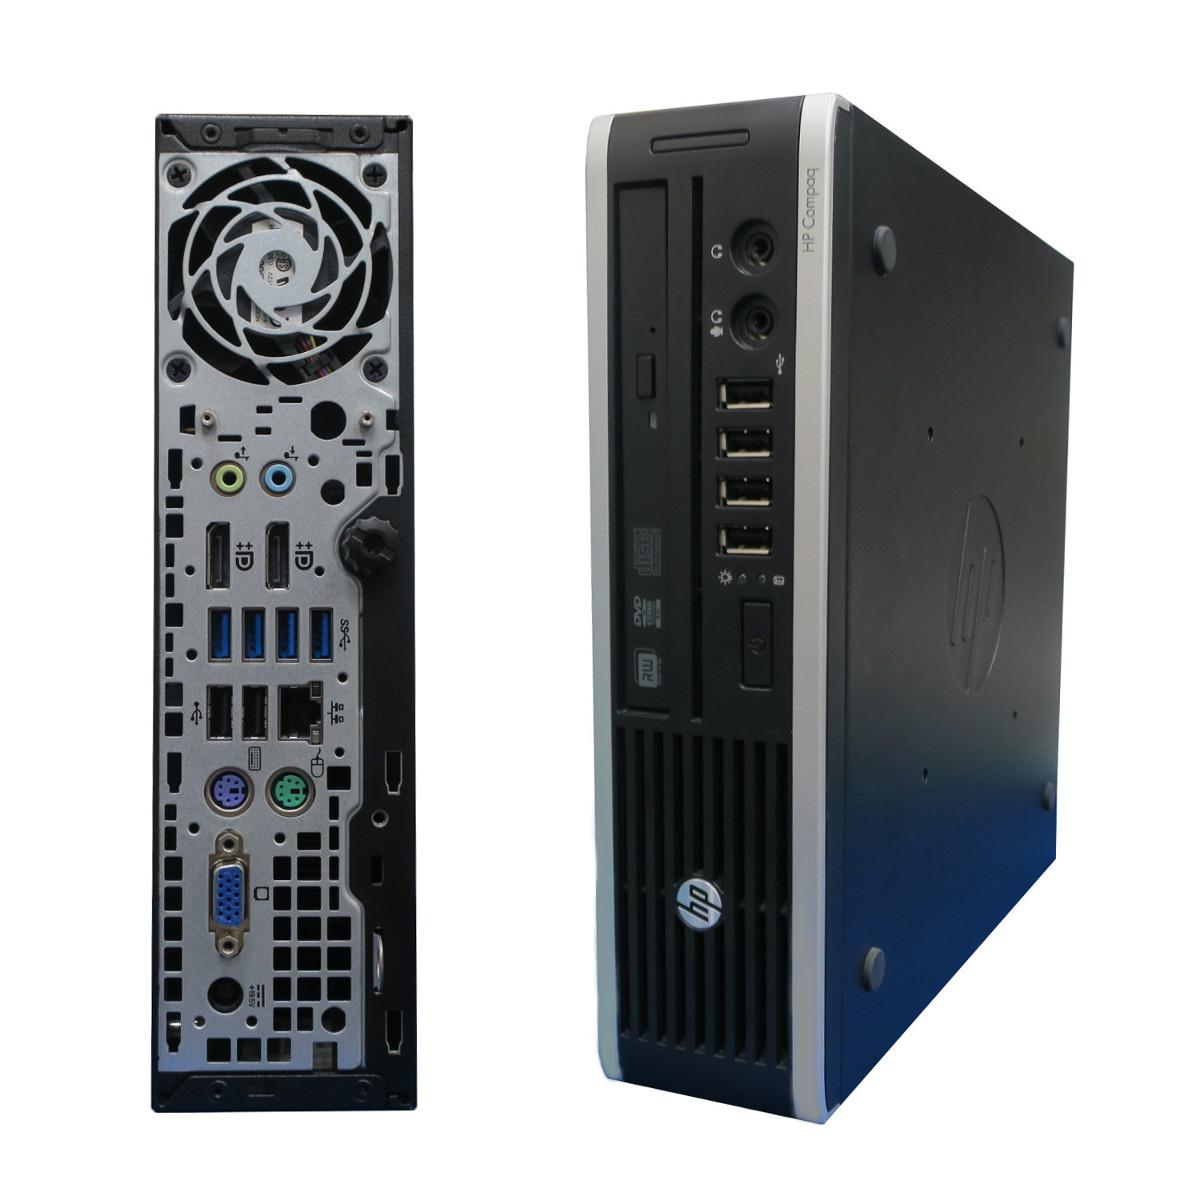 【1000円クーポン配布中!】中古デスクトップHP Compaq Elite 8300 US QV997AV 【中古】 HP Compaq Elite 8300 US 中古デスクトップCore i5 Win7 Pro HP Compaq Elite 830